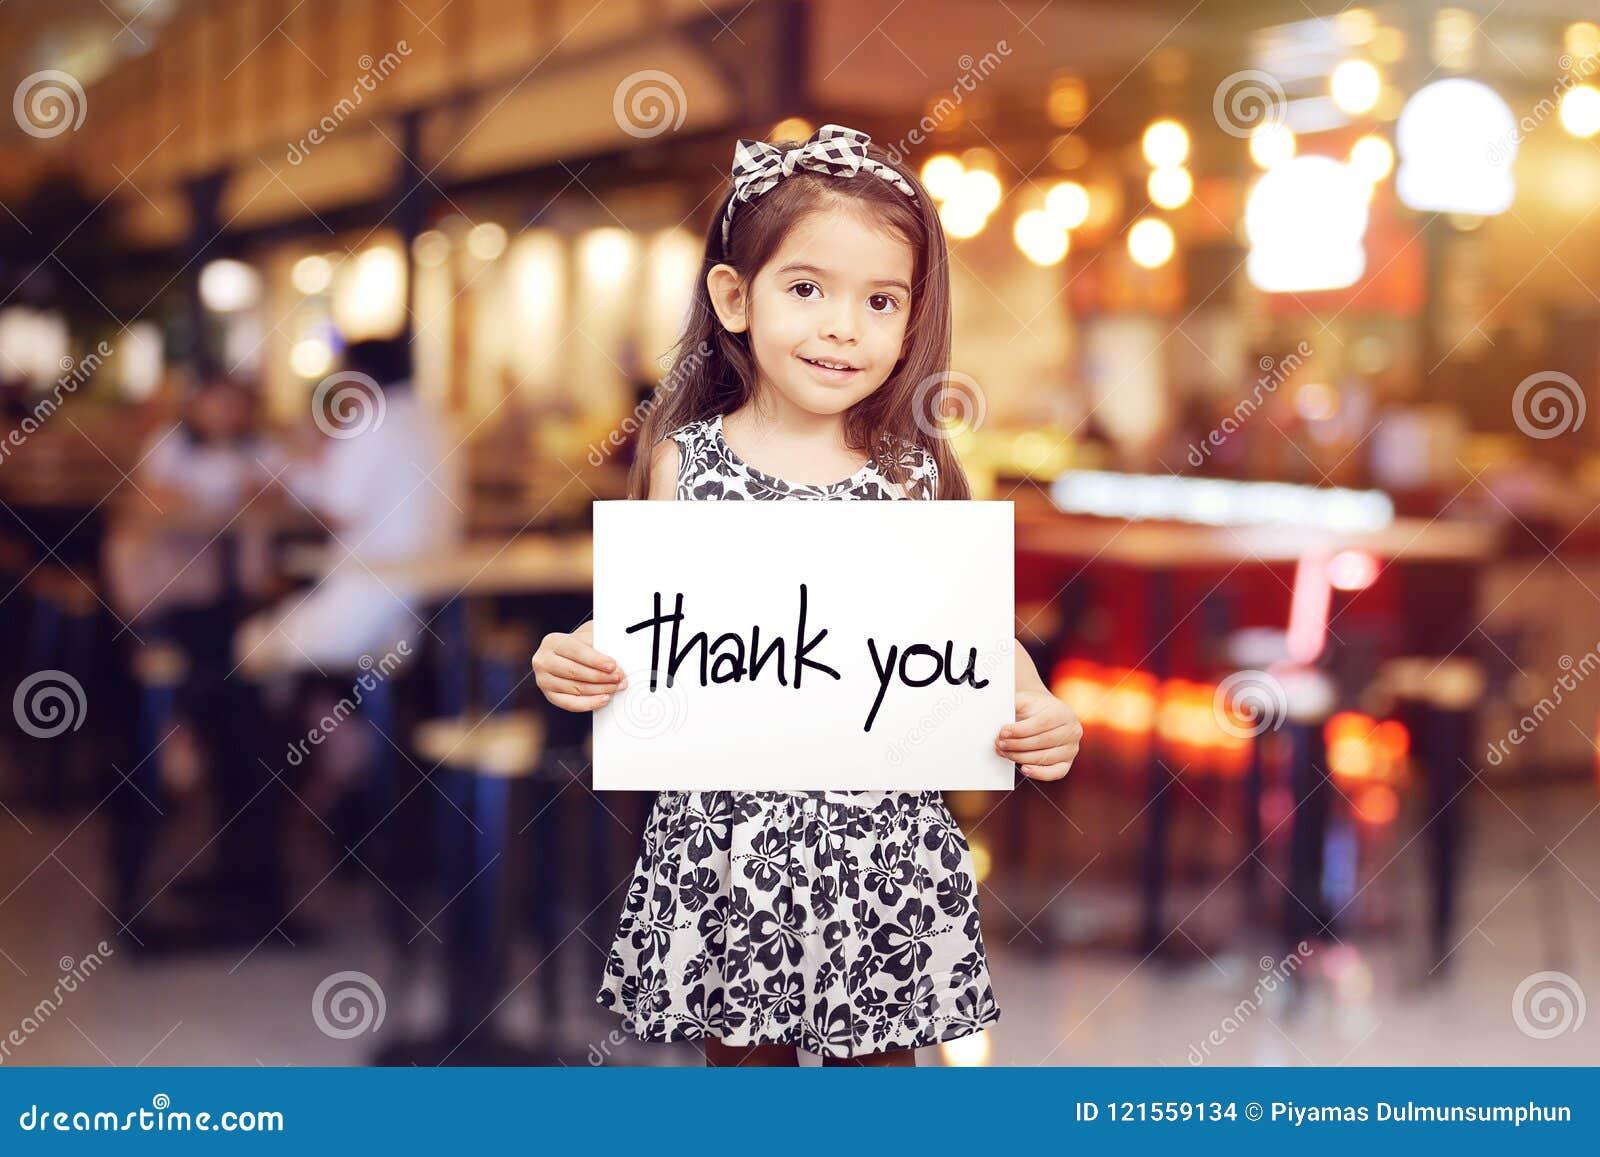 Το χαριτωμένο κορίτσι που κρατά ένα κομμάτι χαρτί με τις λέξεις σας ευχαριστεί